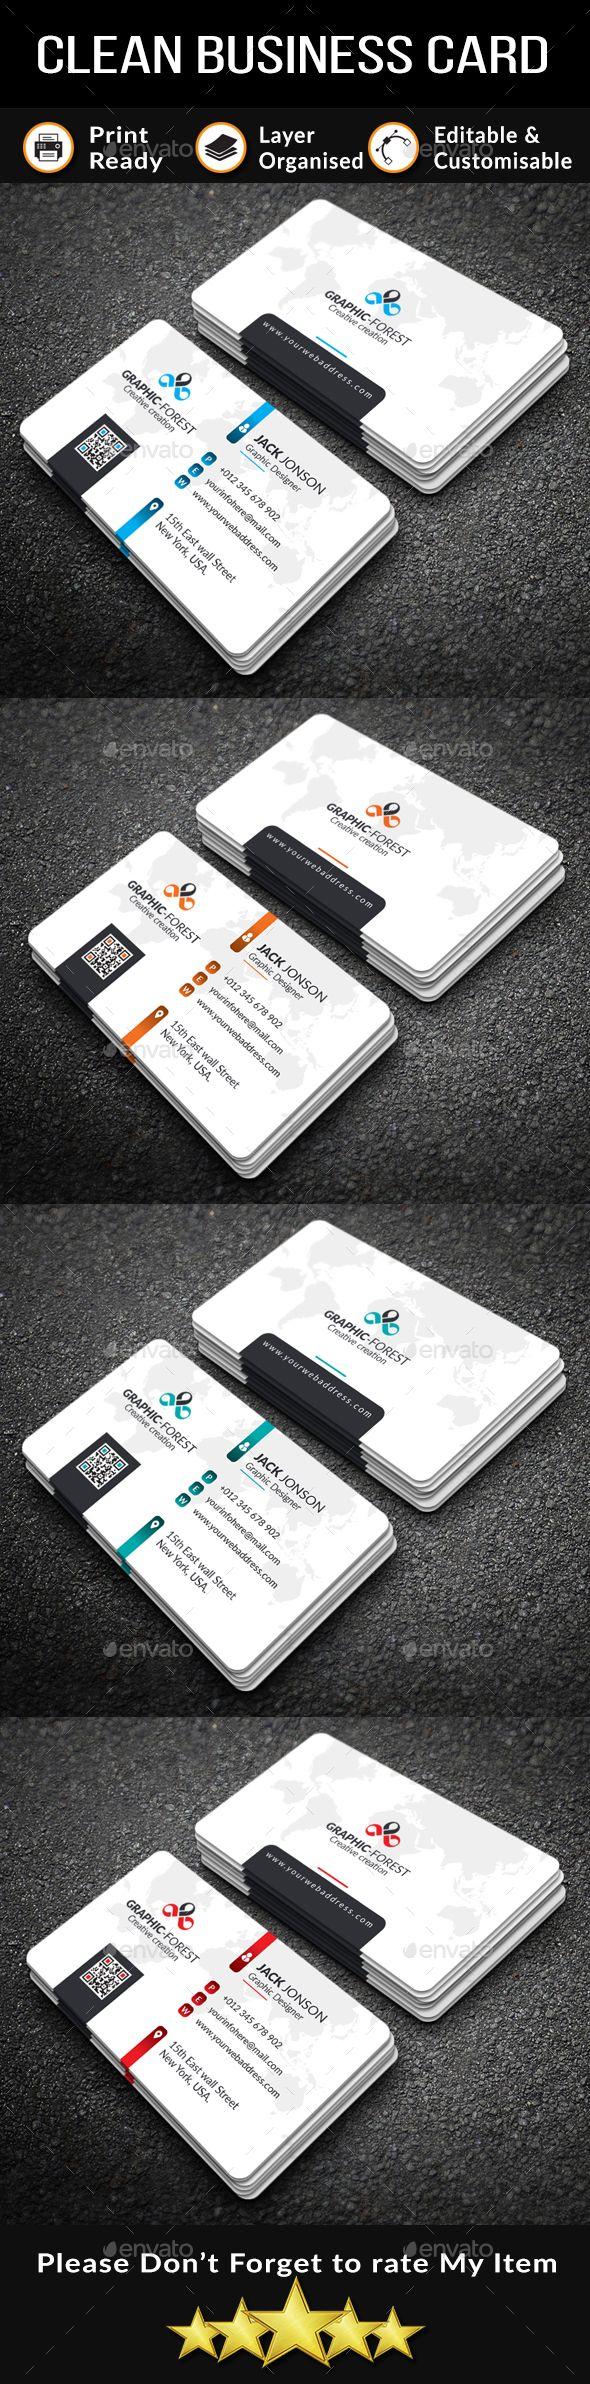 Business Card | Tarjetas, Diseño de marca y Tarjetas presentacion